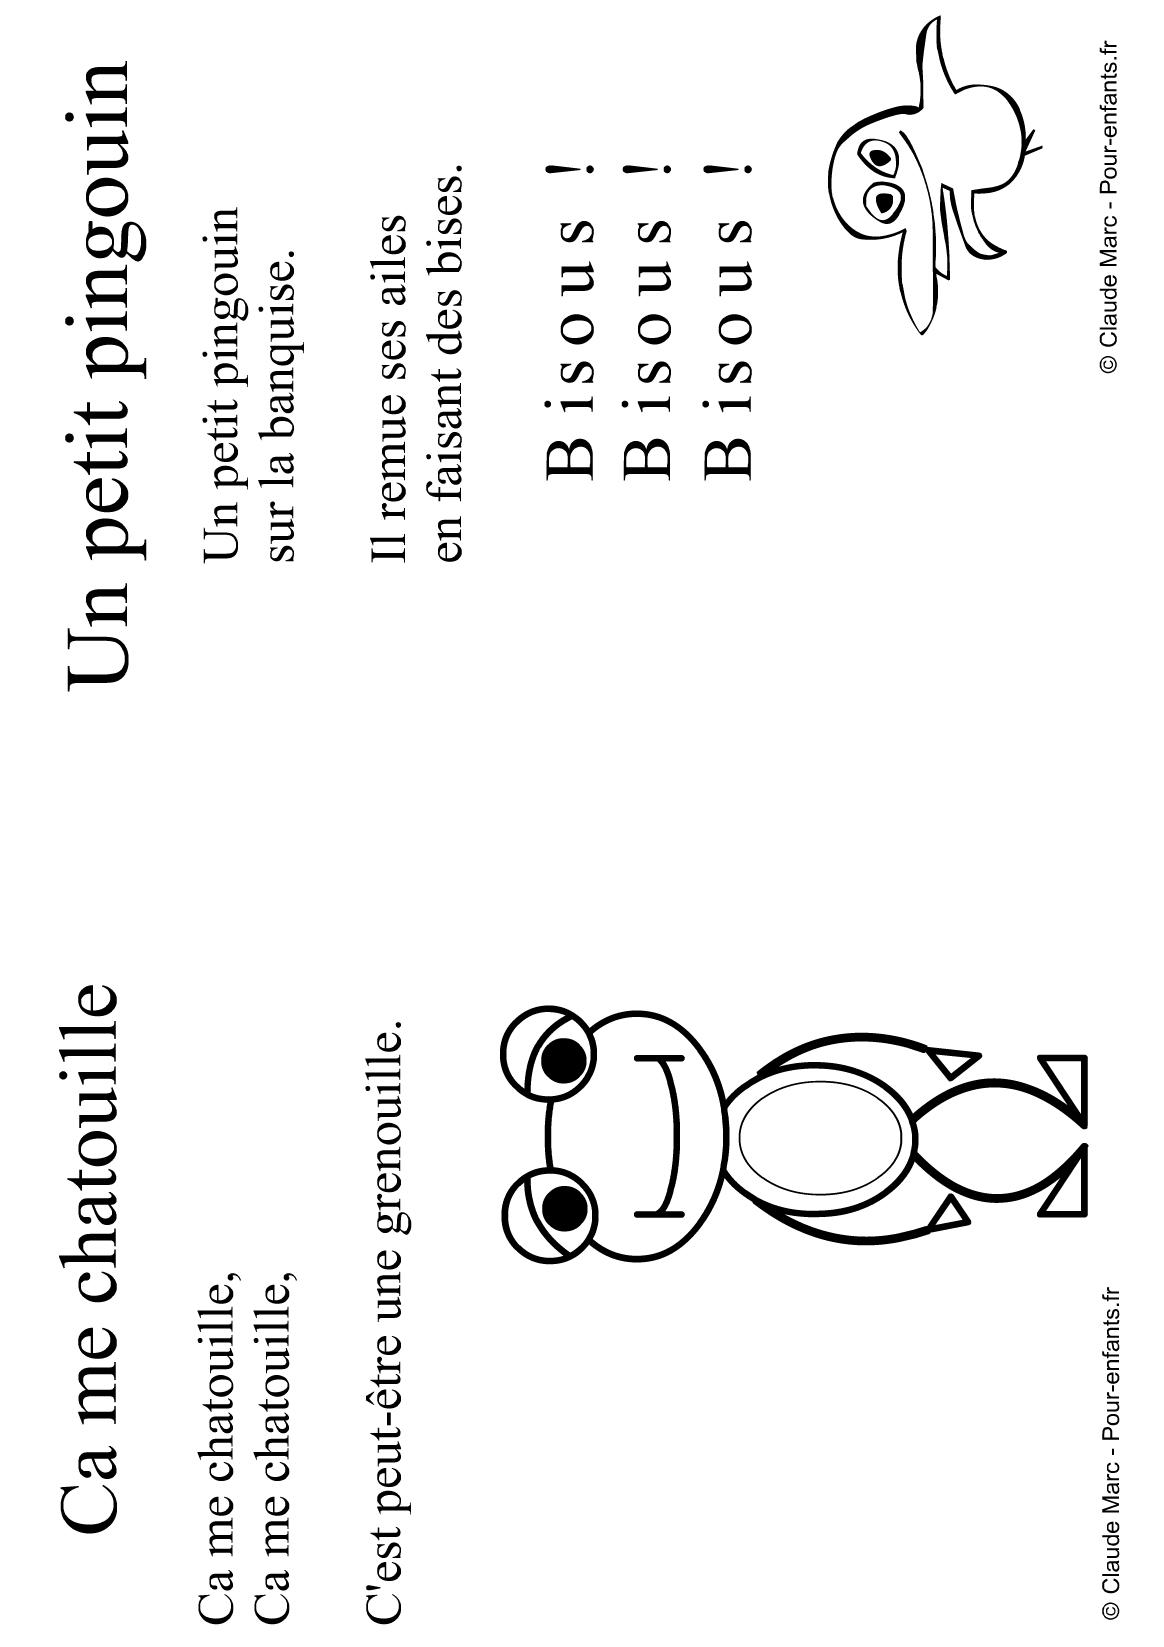 Cahier De Vacances Gratuit A Imprimer Maternelle Pour concernant Cahier De Vacances Gratuit A Imprimer